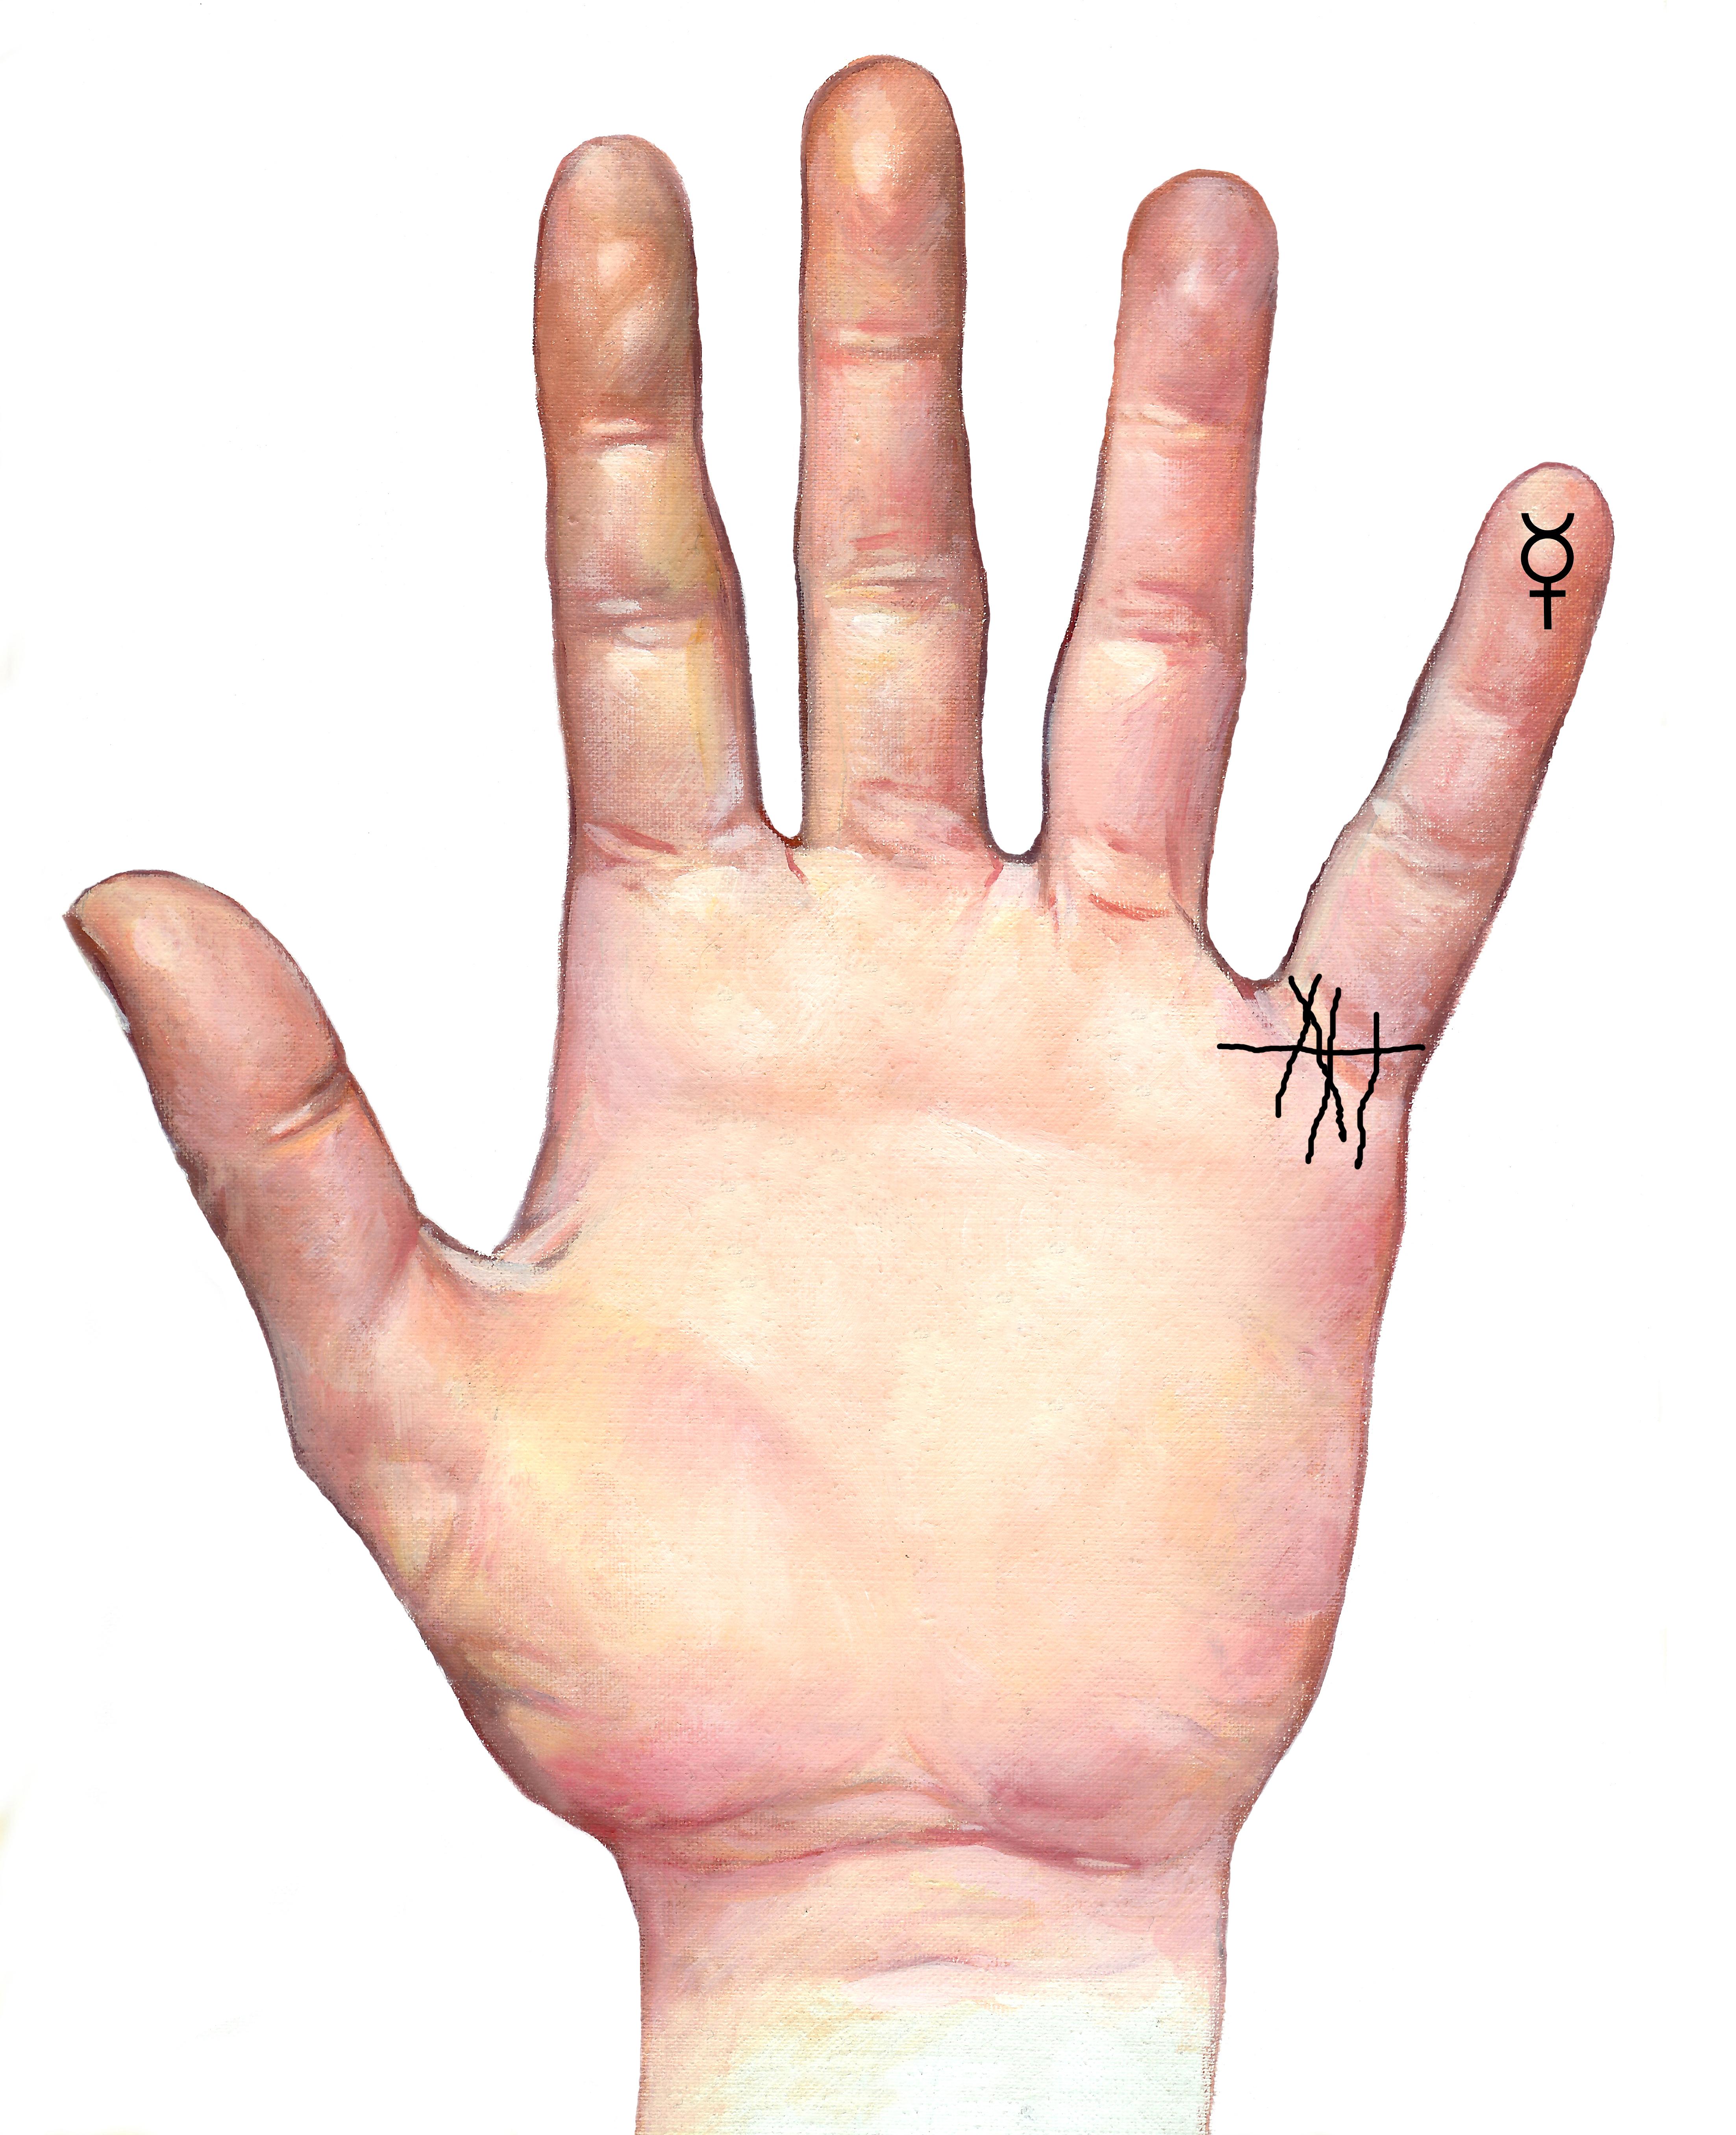 L neas de los hijos quiromancia quiroterapia - Leer la mano hijos ...